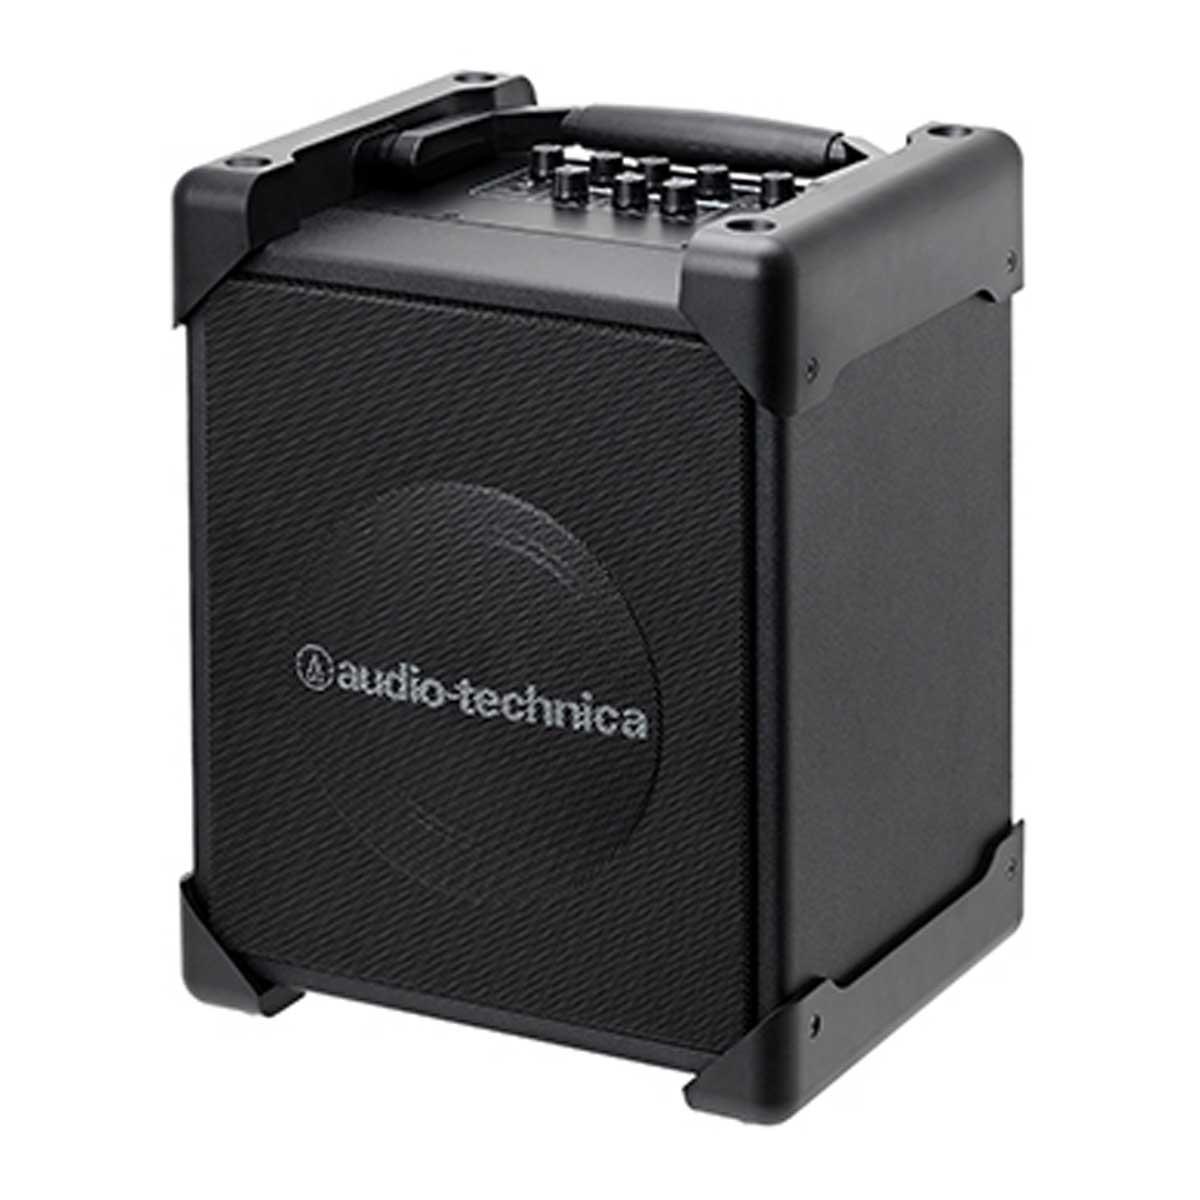 audio-technica オーディオテクニカ / ATW-SP1910 デジタルワイヤレスアンプシステム (マイク別売)【お取り寄せ商品】